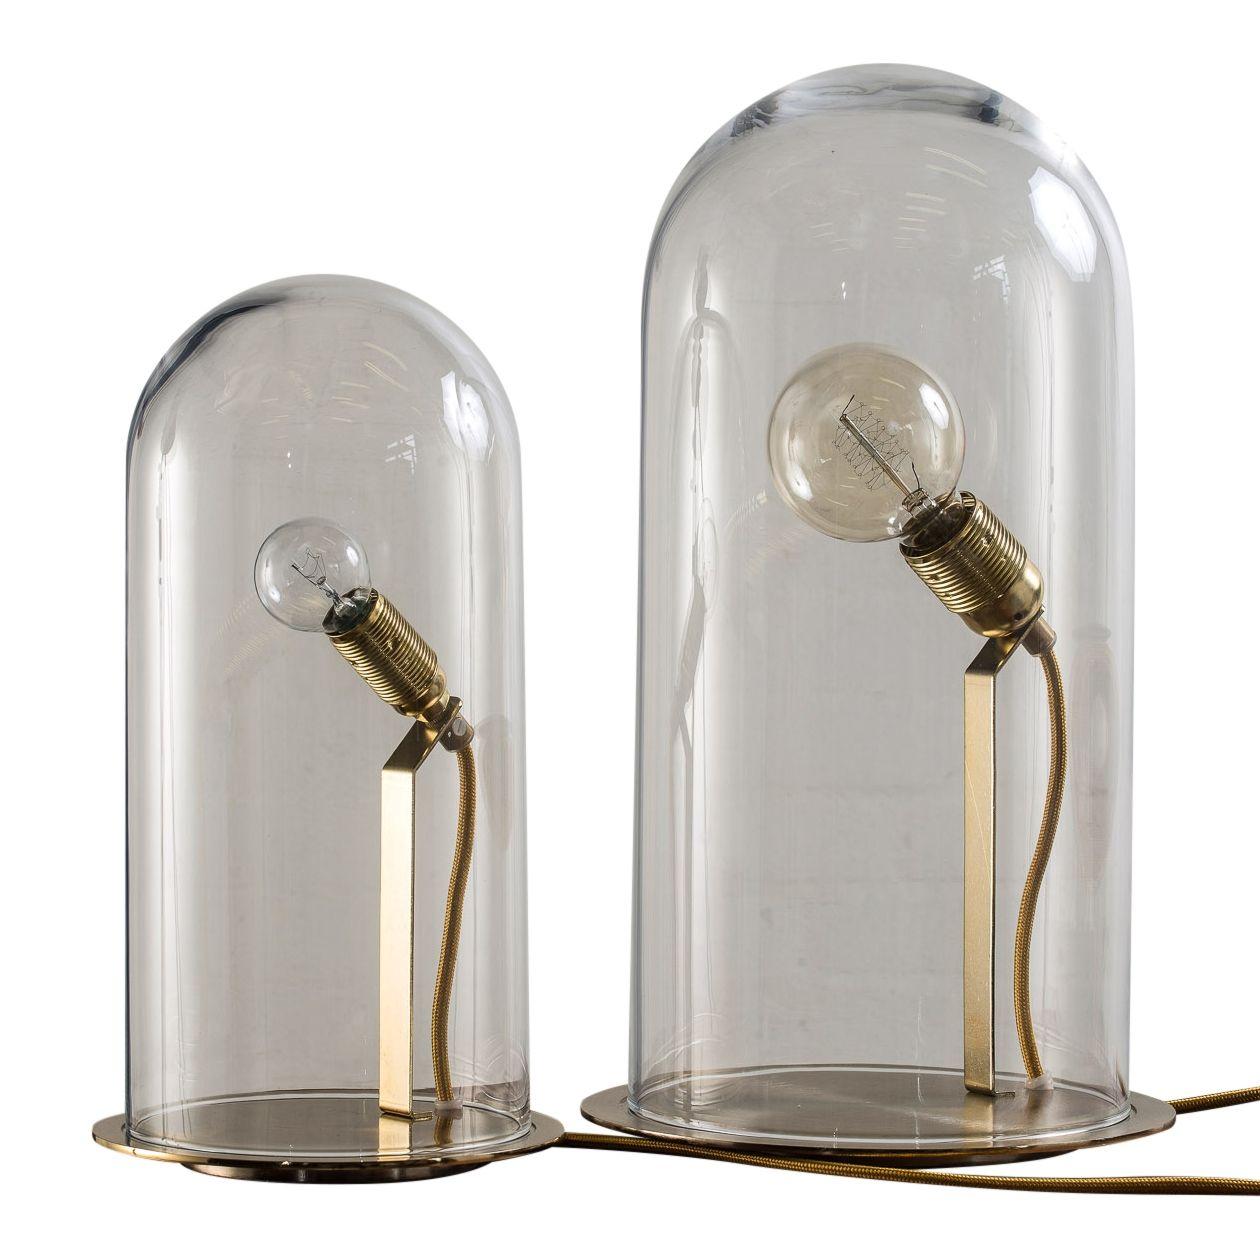 Nyhed fra Ebb & Flow - Speak Up! Dome i mundblæst glas med lampebase i messing eller krom.  Fås i flere farver og 2 størrelser Kan forudbestilles nu - lander på lageret i oktober 2014 www.houseofbk.com